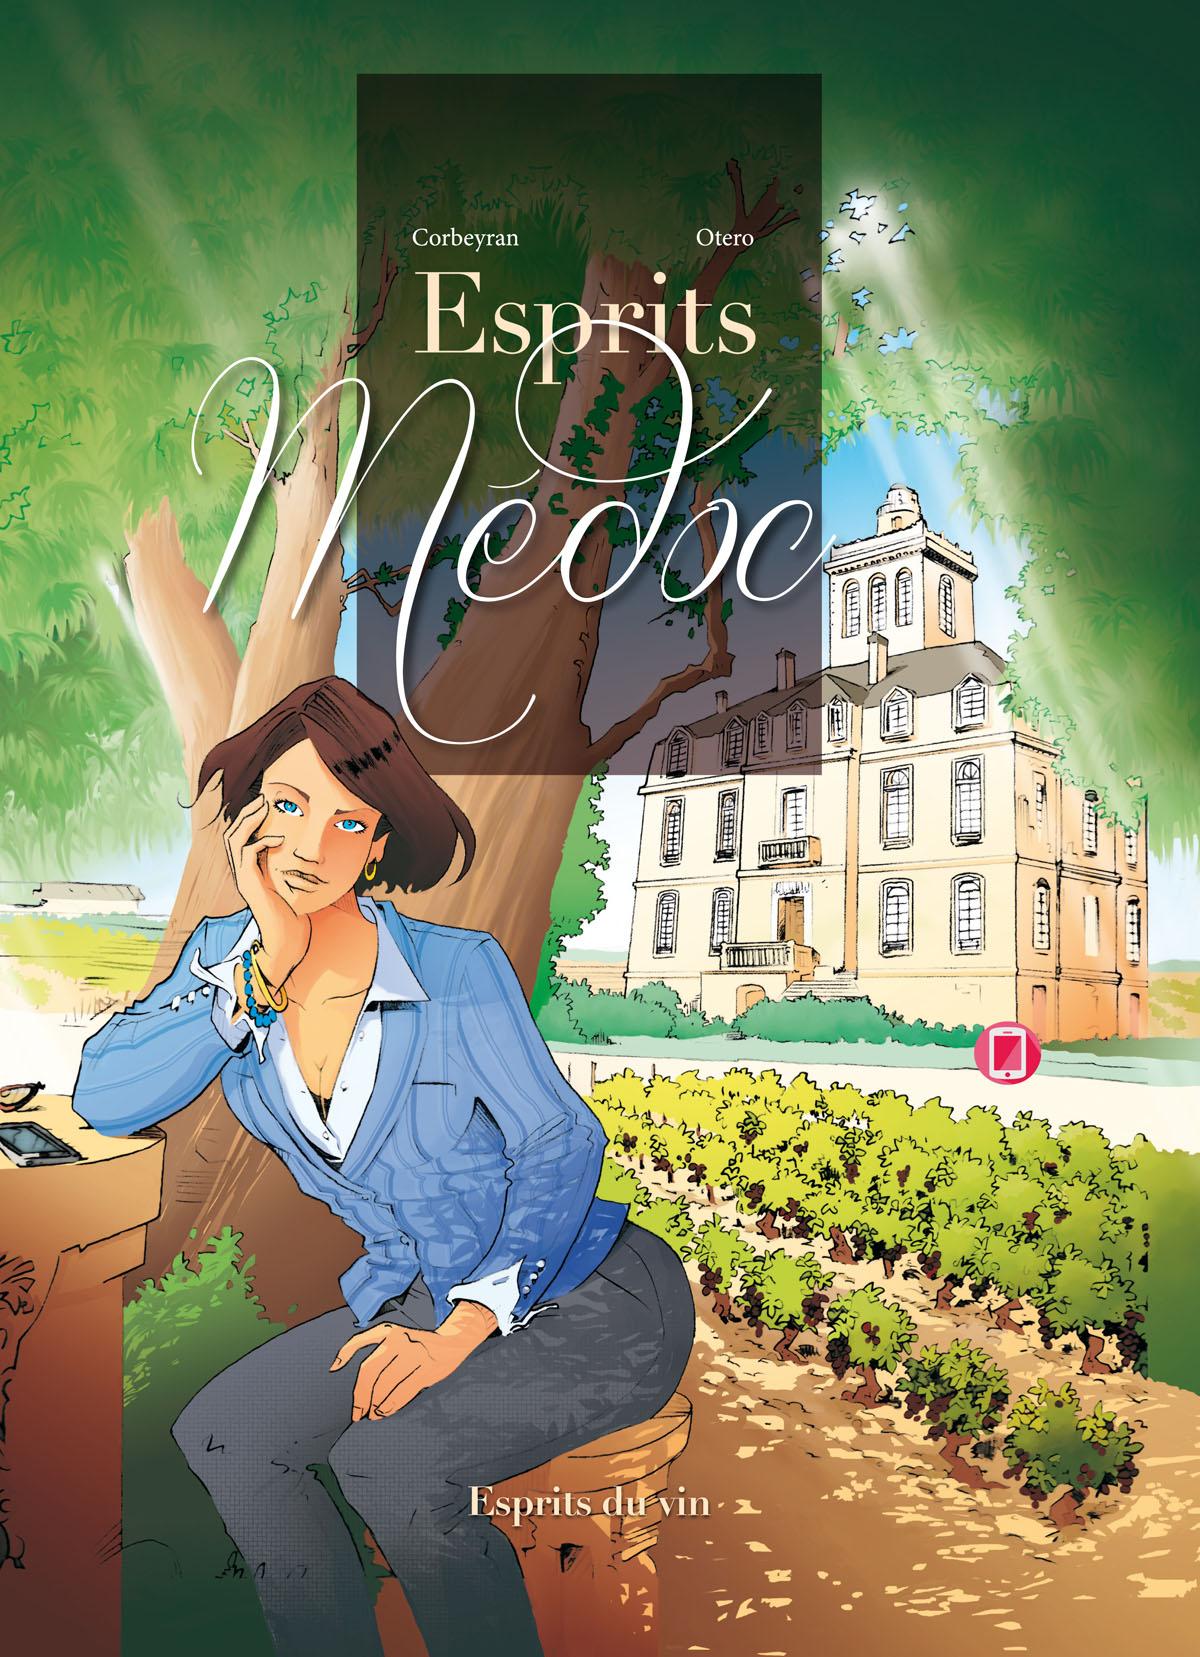 Esprits Médoc, une BD de la collection Esprits du Vin.